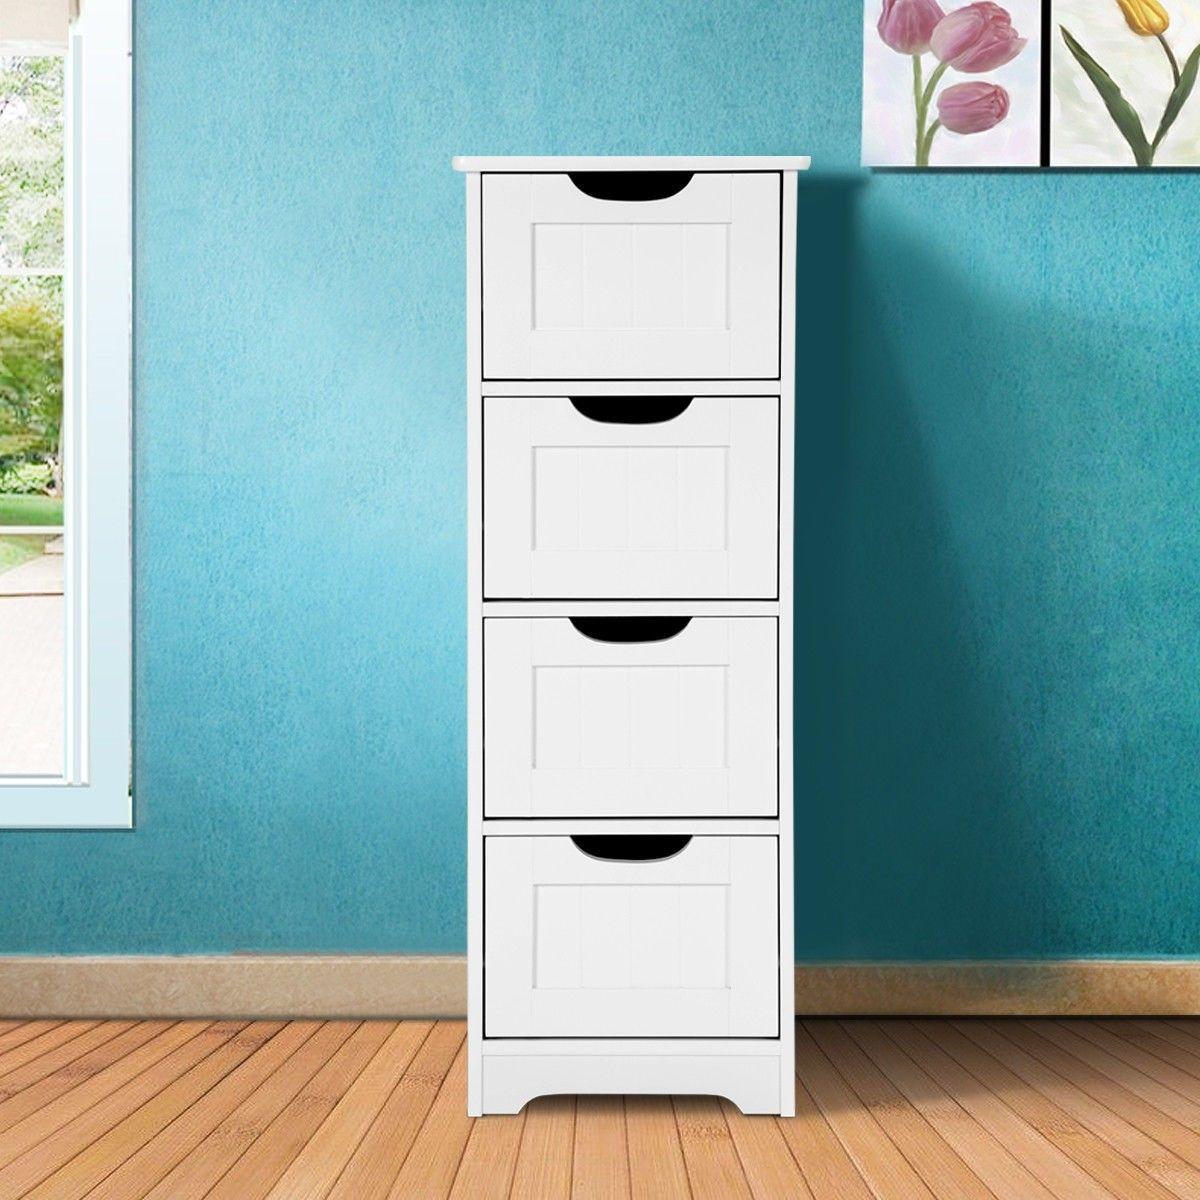 Bathroom Wooden Free Standing Storage Side Floor Cabinet Organizer